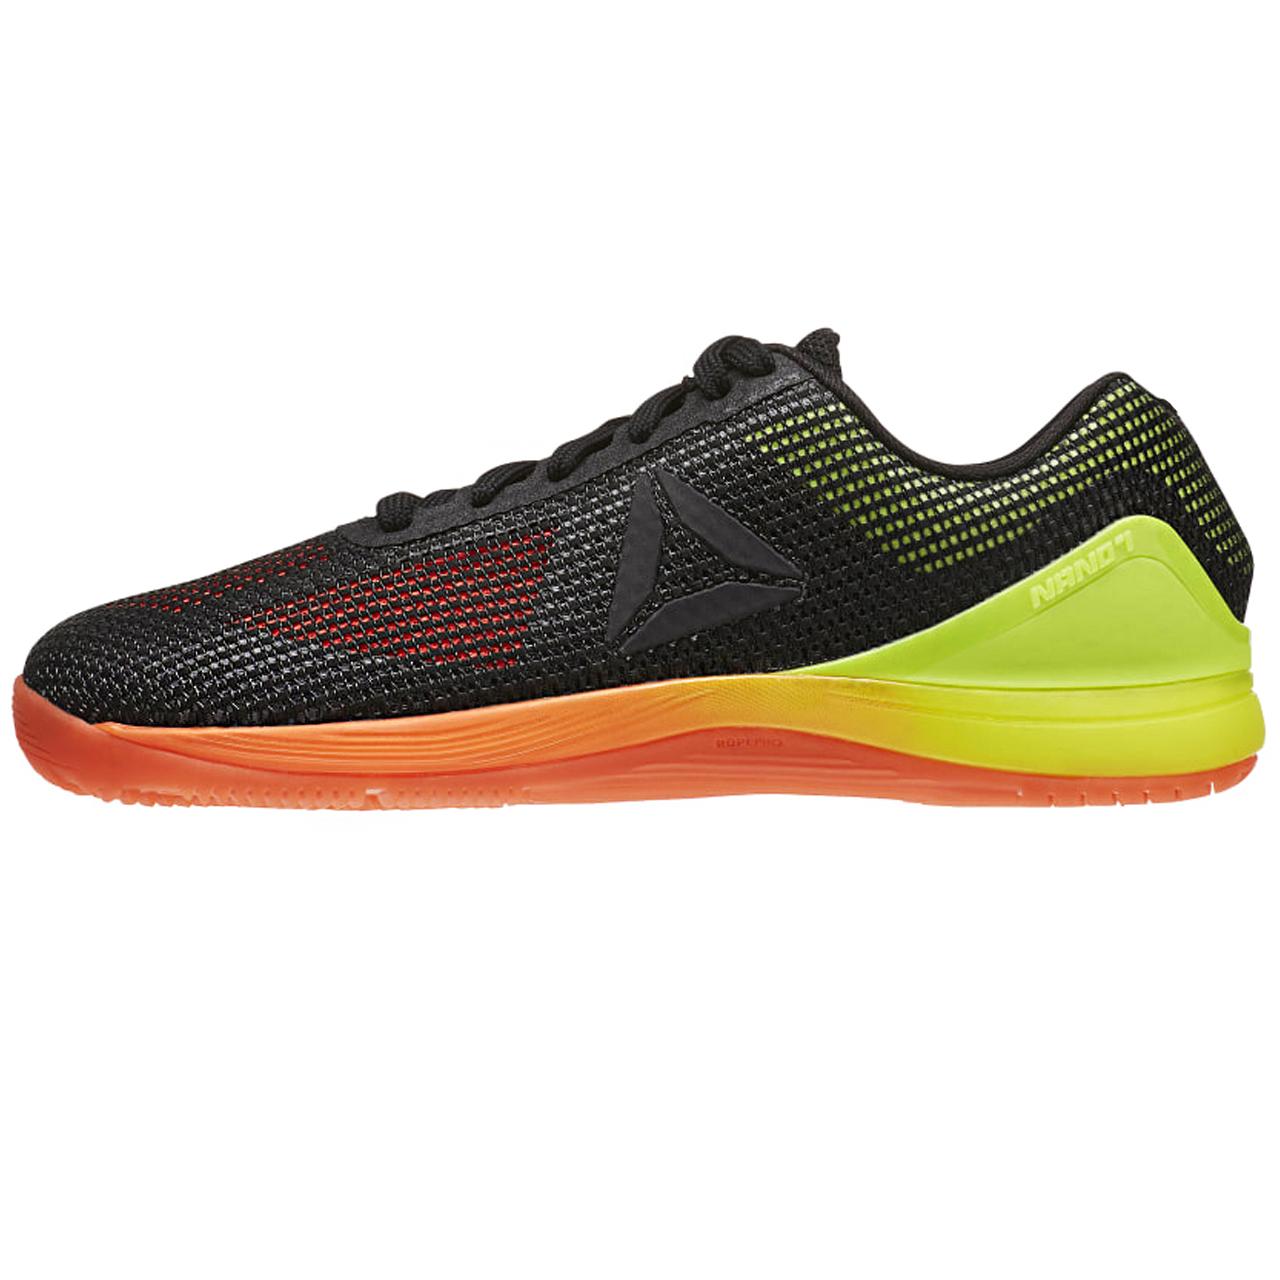 کفش مخصوص تمرین زنانه ریباک سری CrossFit Nano 7.0 مدل BD2830